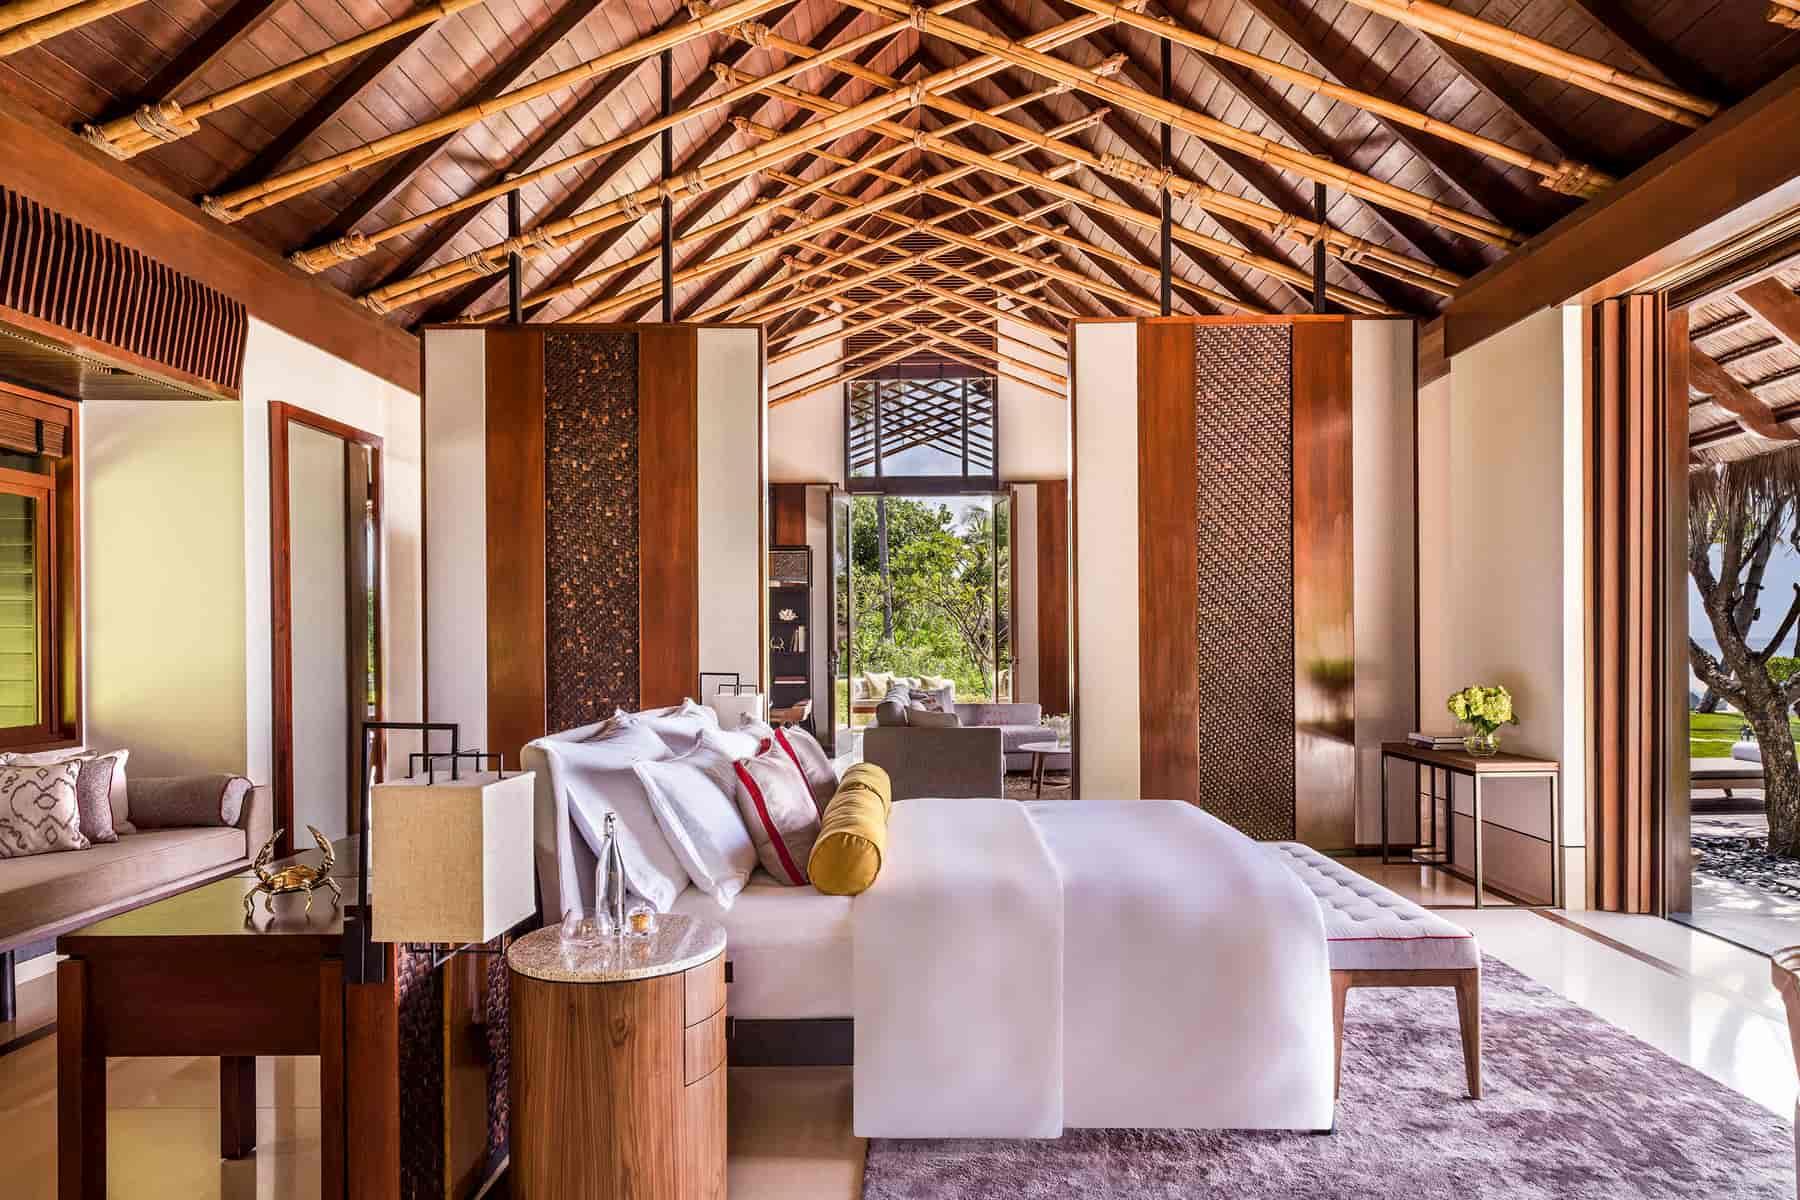 Resort Maldive One & Only Reehi Rah grand sunset residence